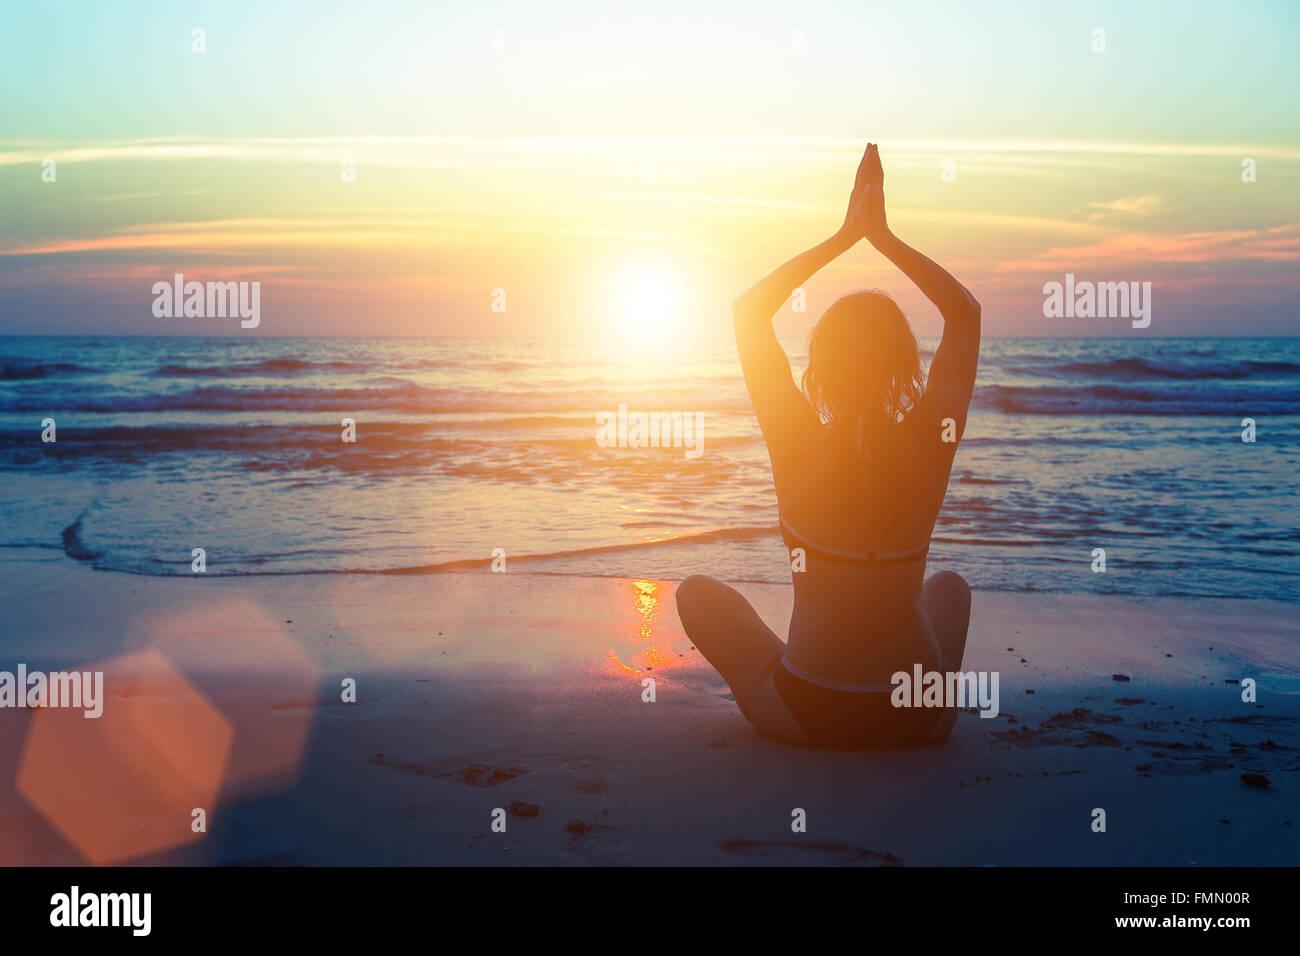 Silueta de mujer practicando yoga en la playa. Imagen De Stock